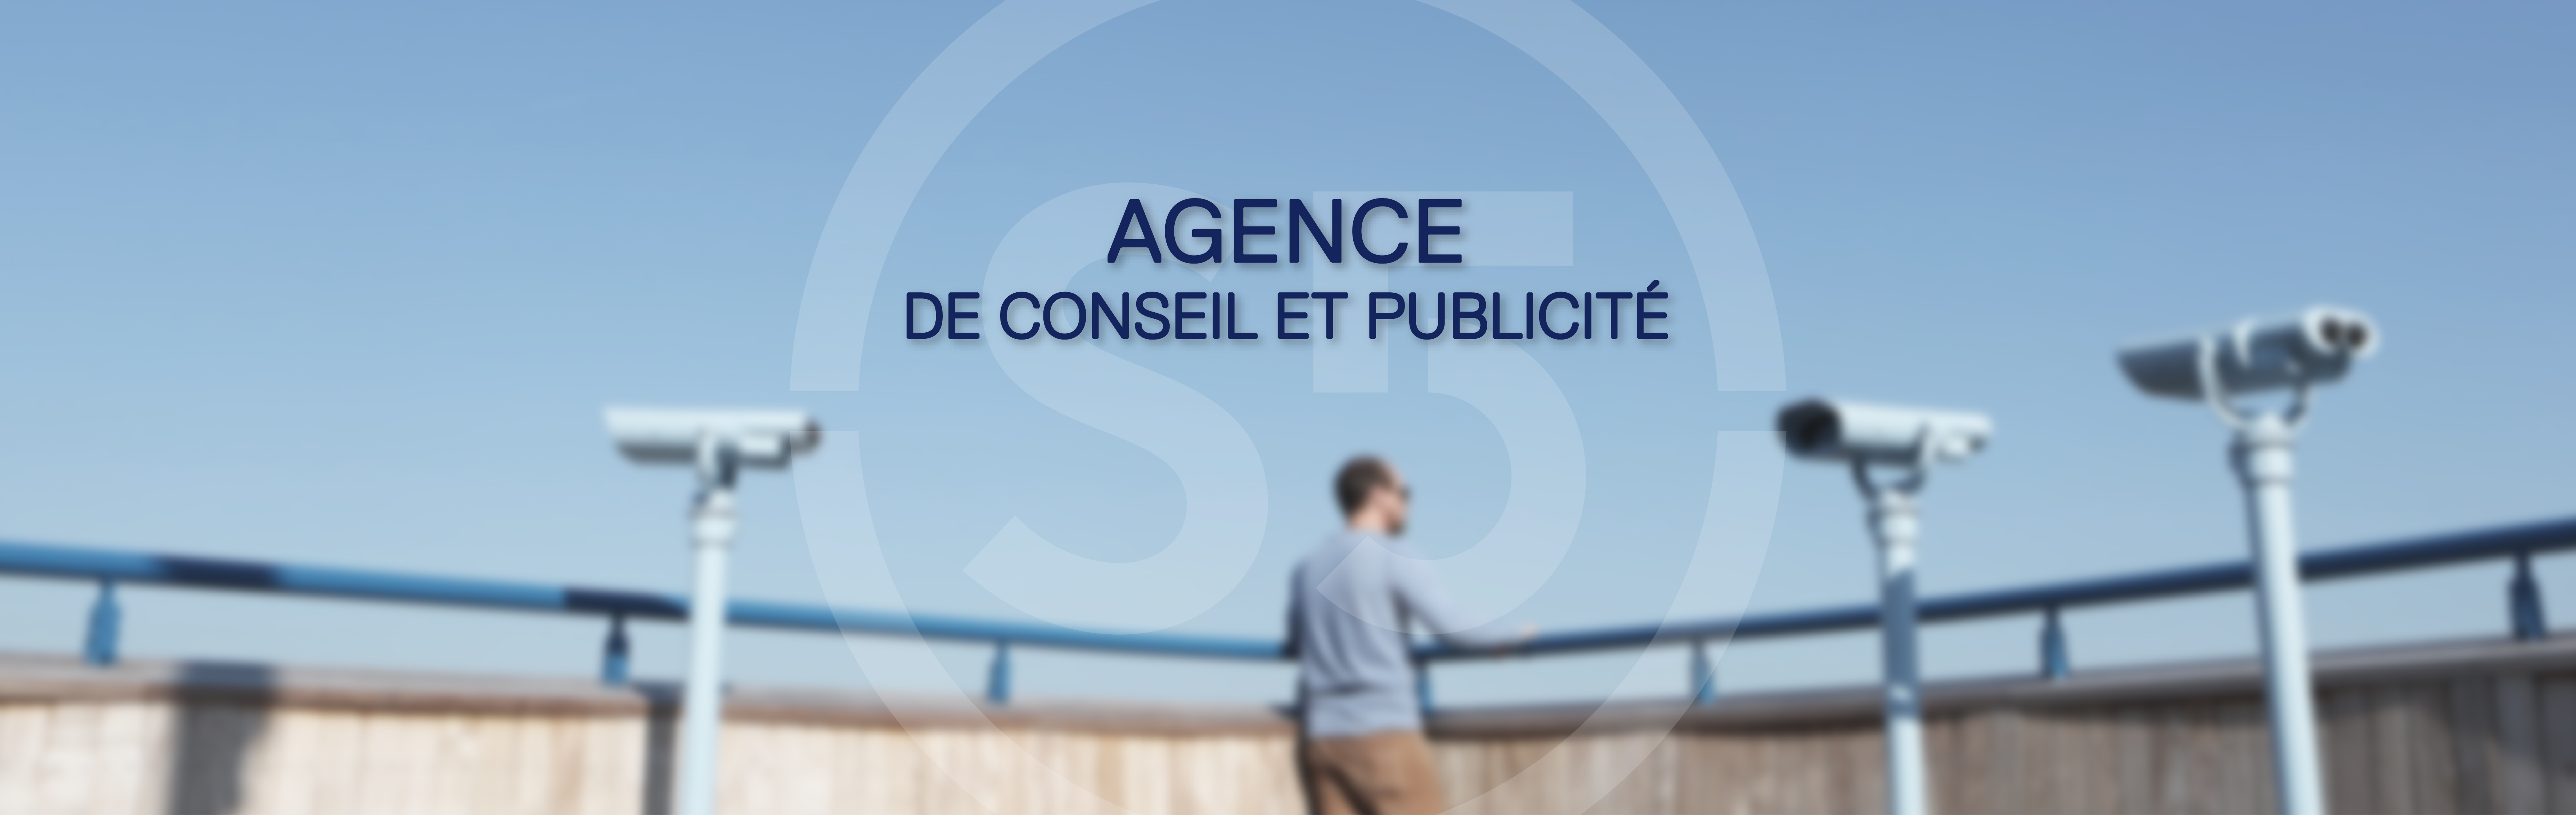 Agence de conseil et publicité